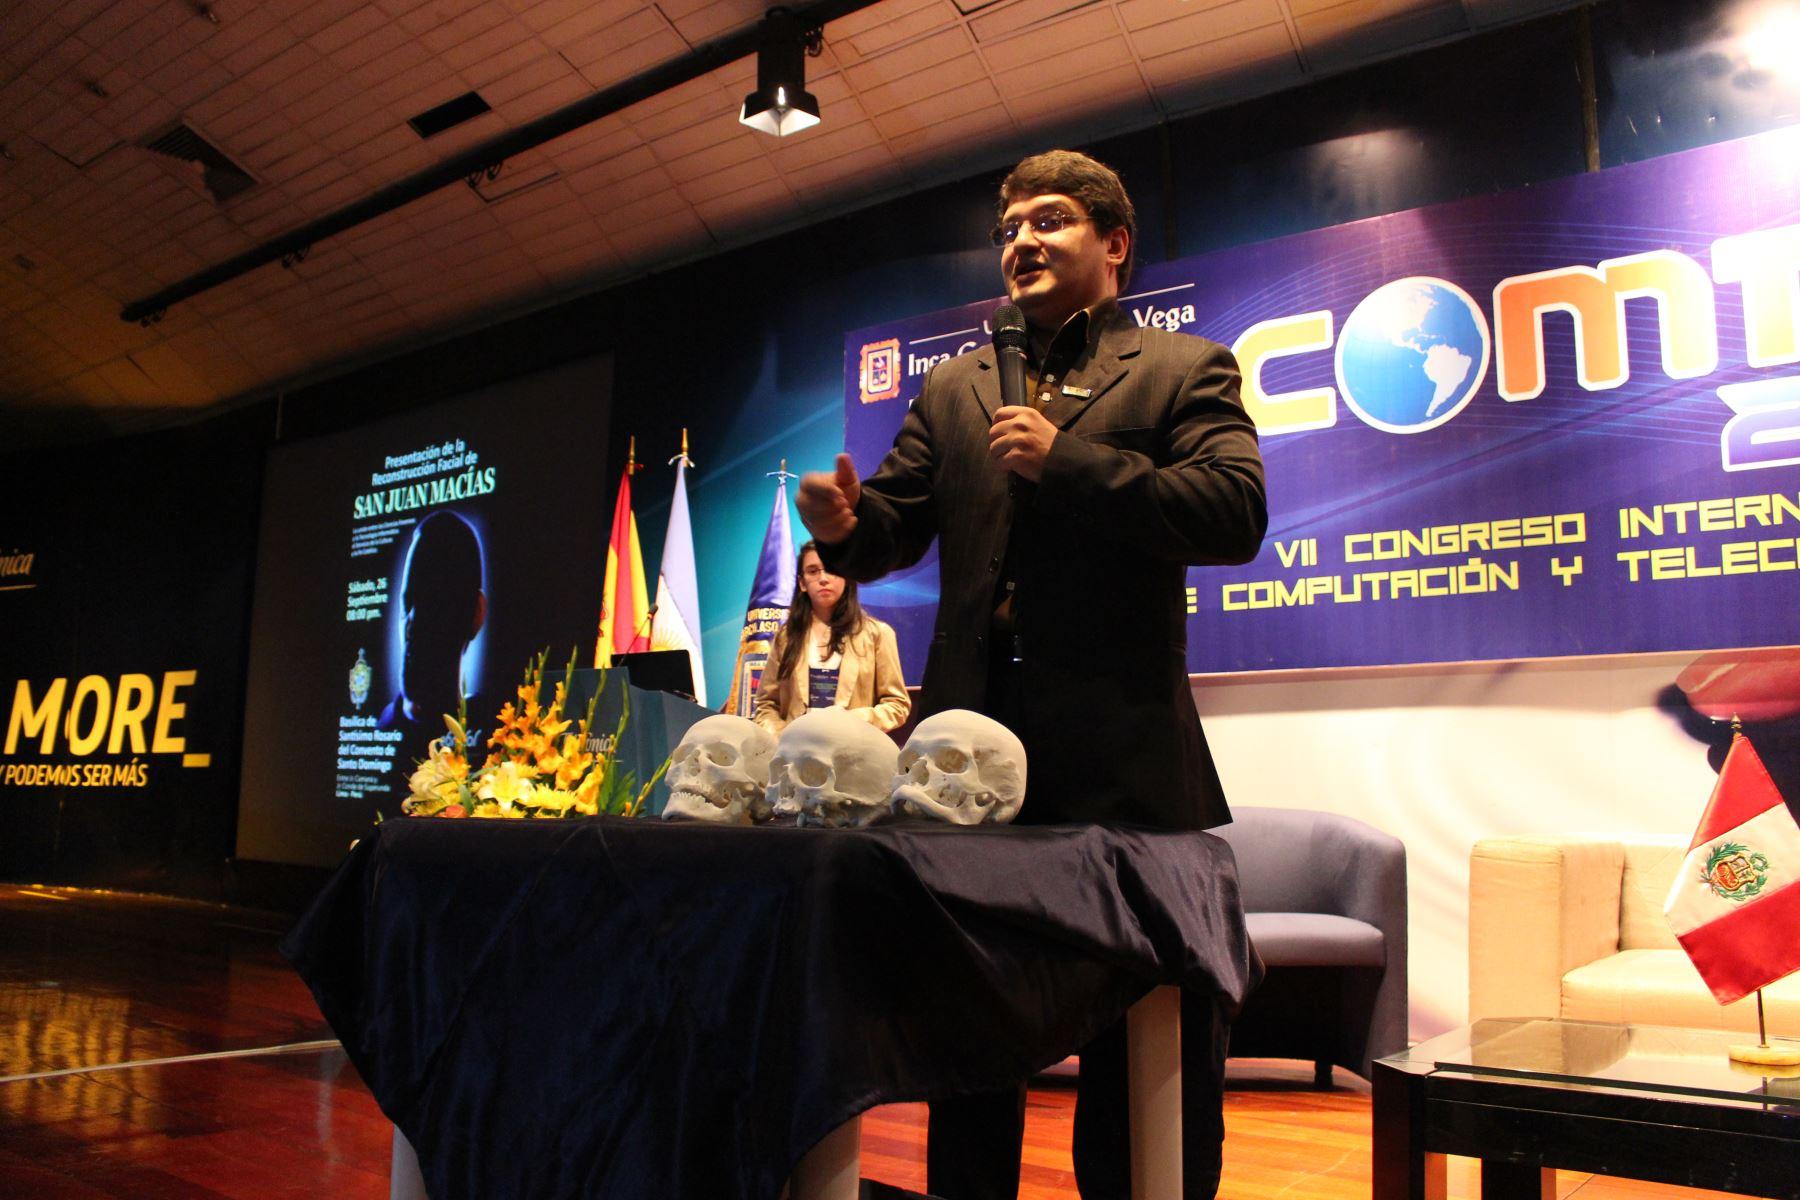 Se realizó en Lima VII Congreso Internacional de Computación y Telecomunicaciones. Foto: Difusión